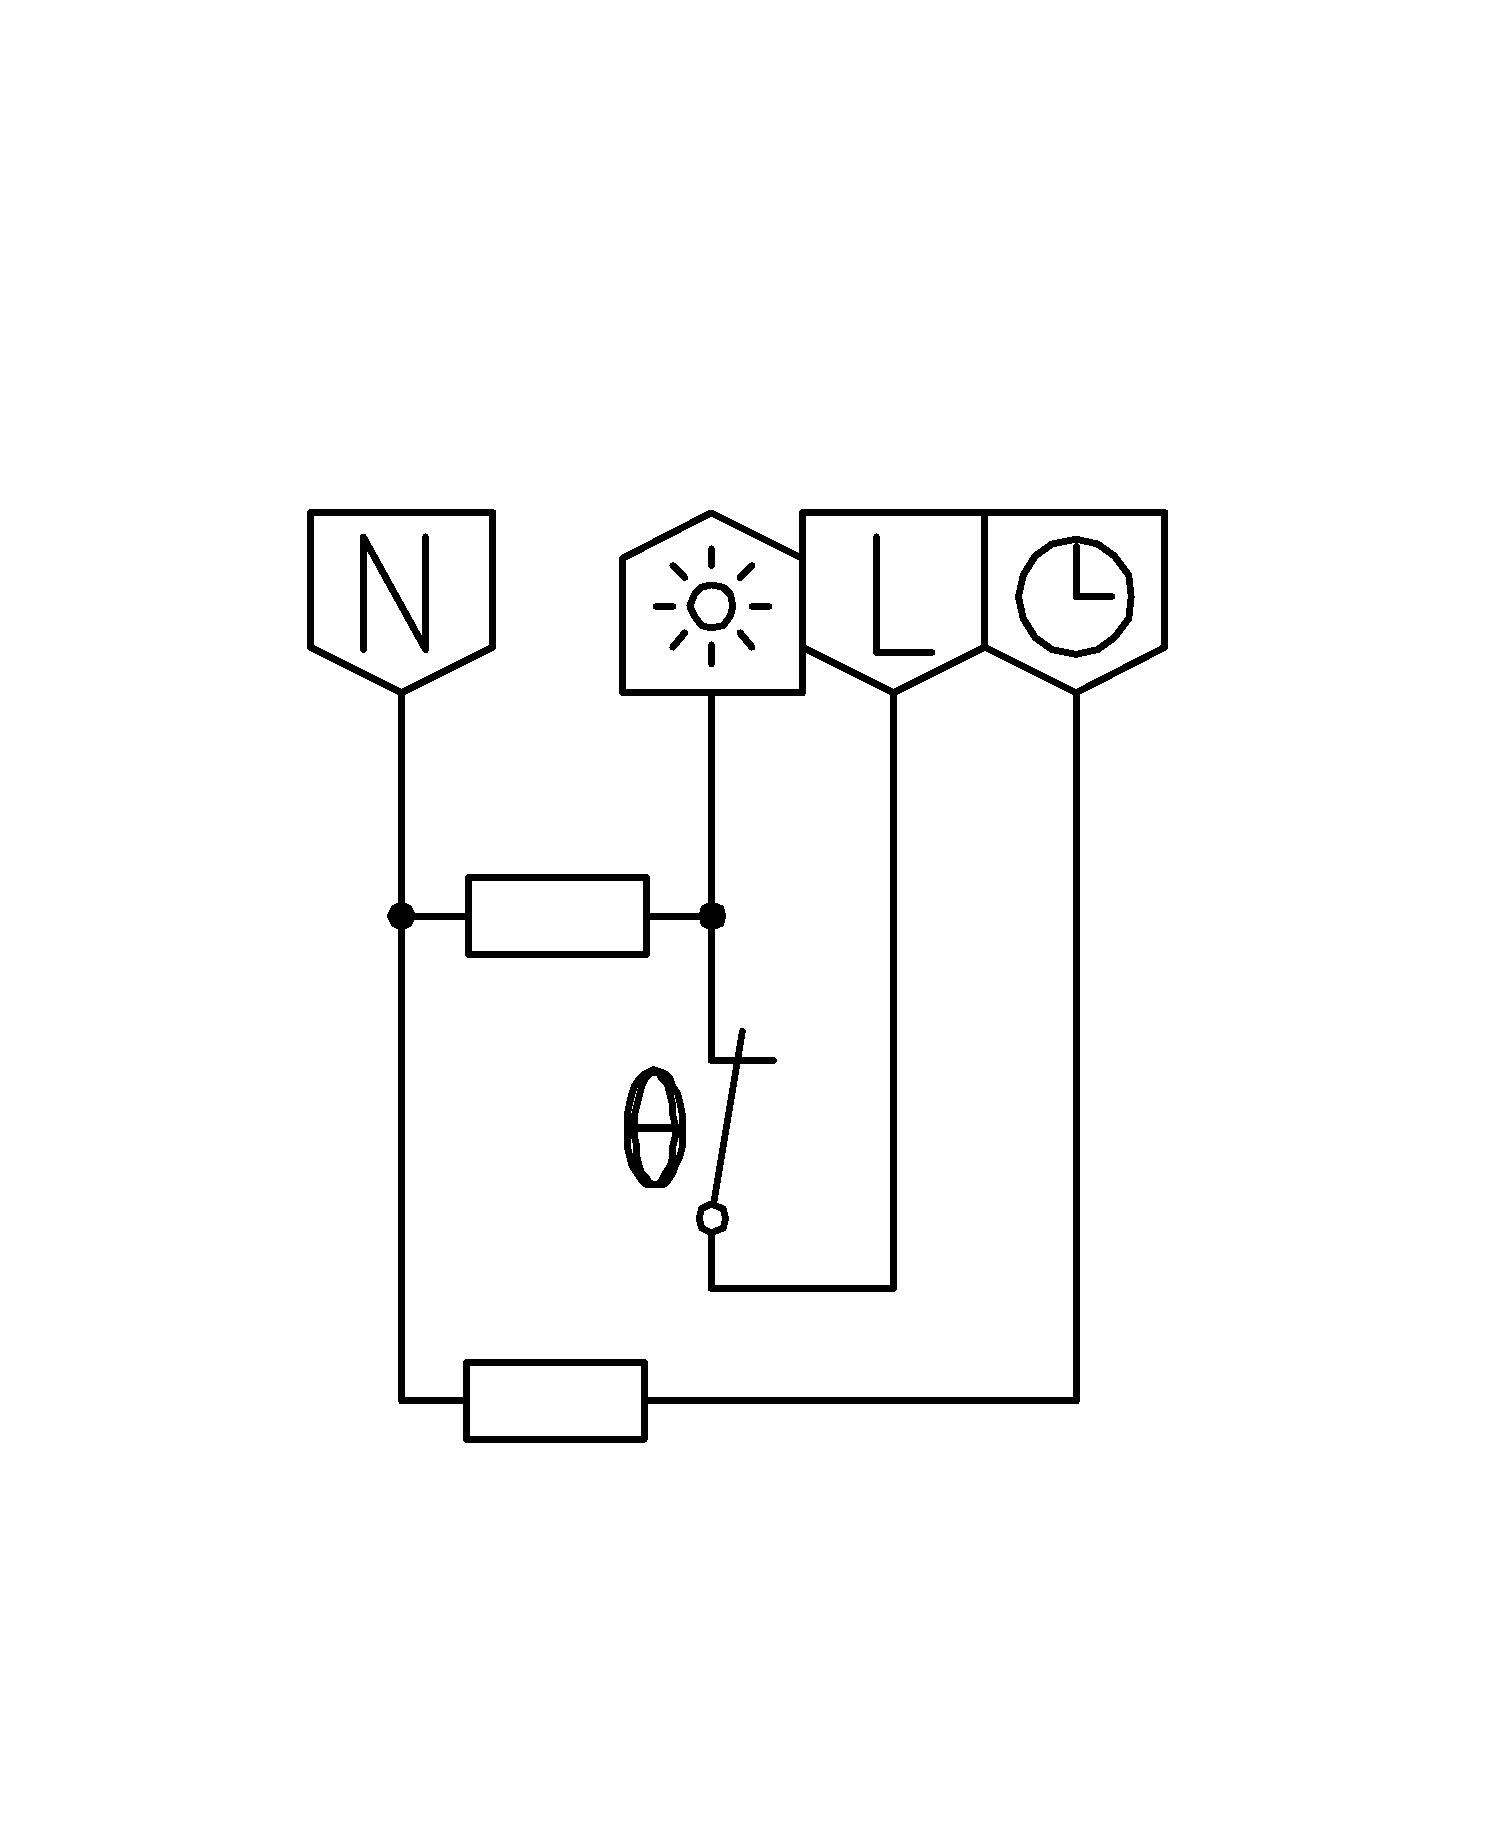 UA010134 Circuit diagram